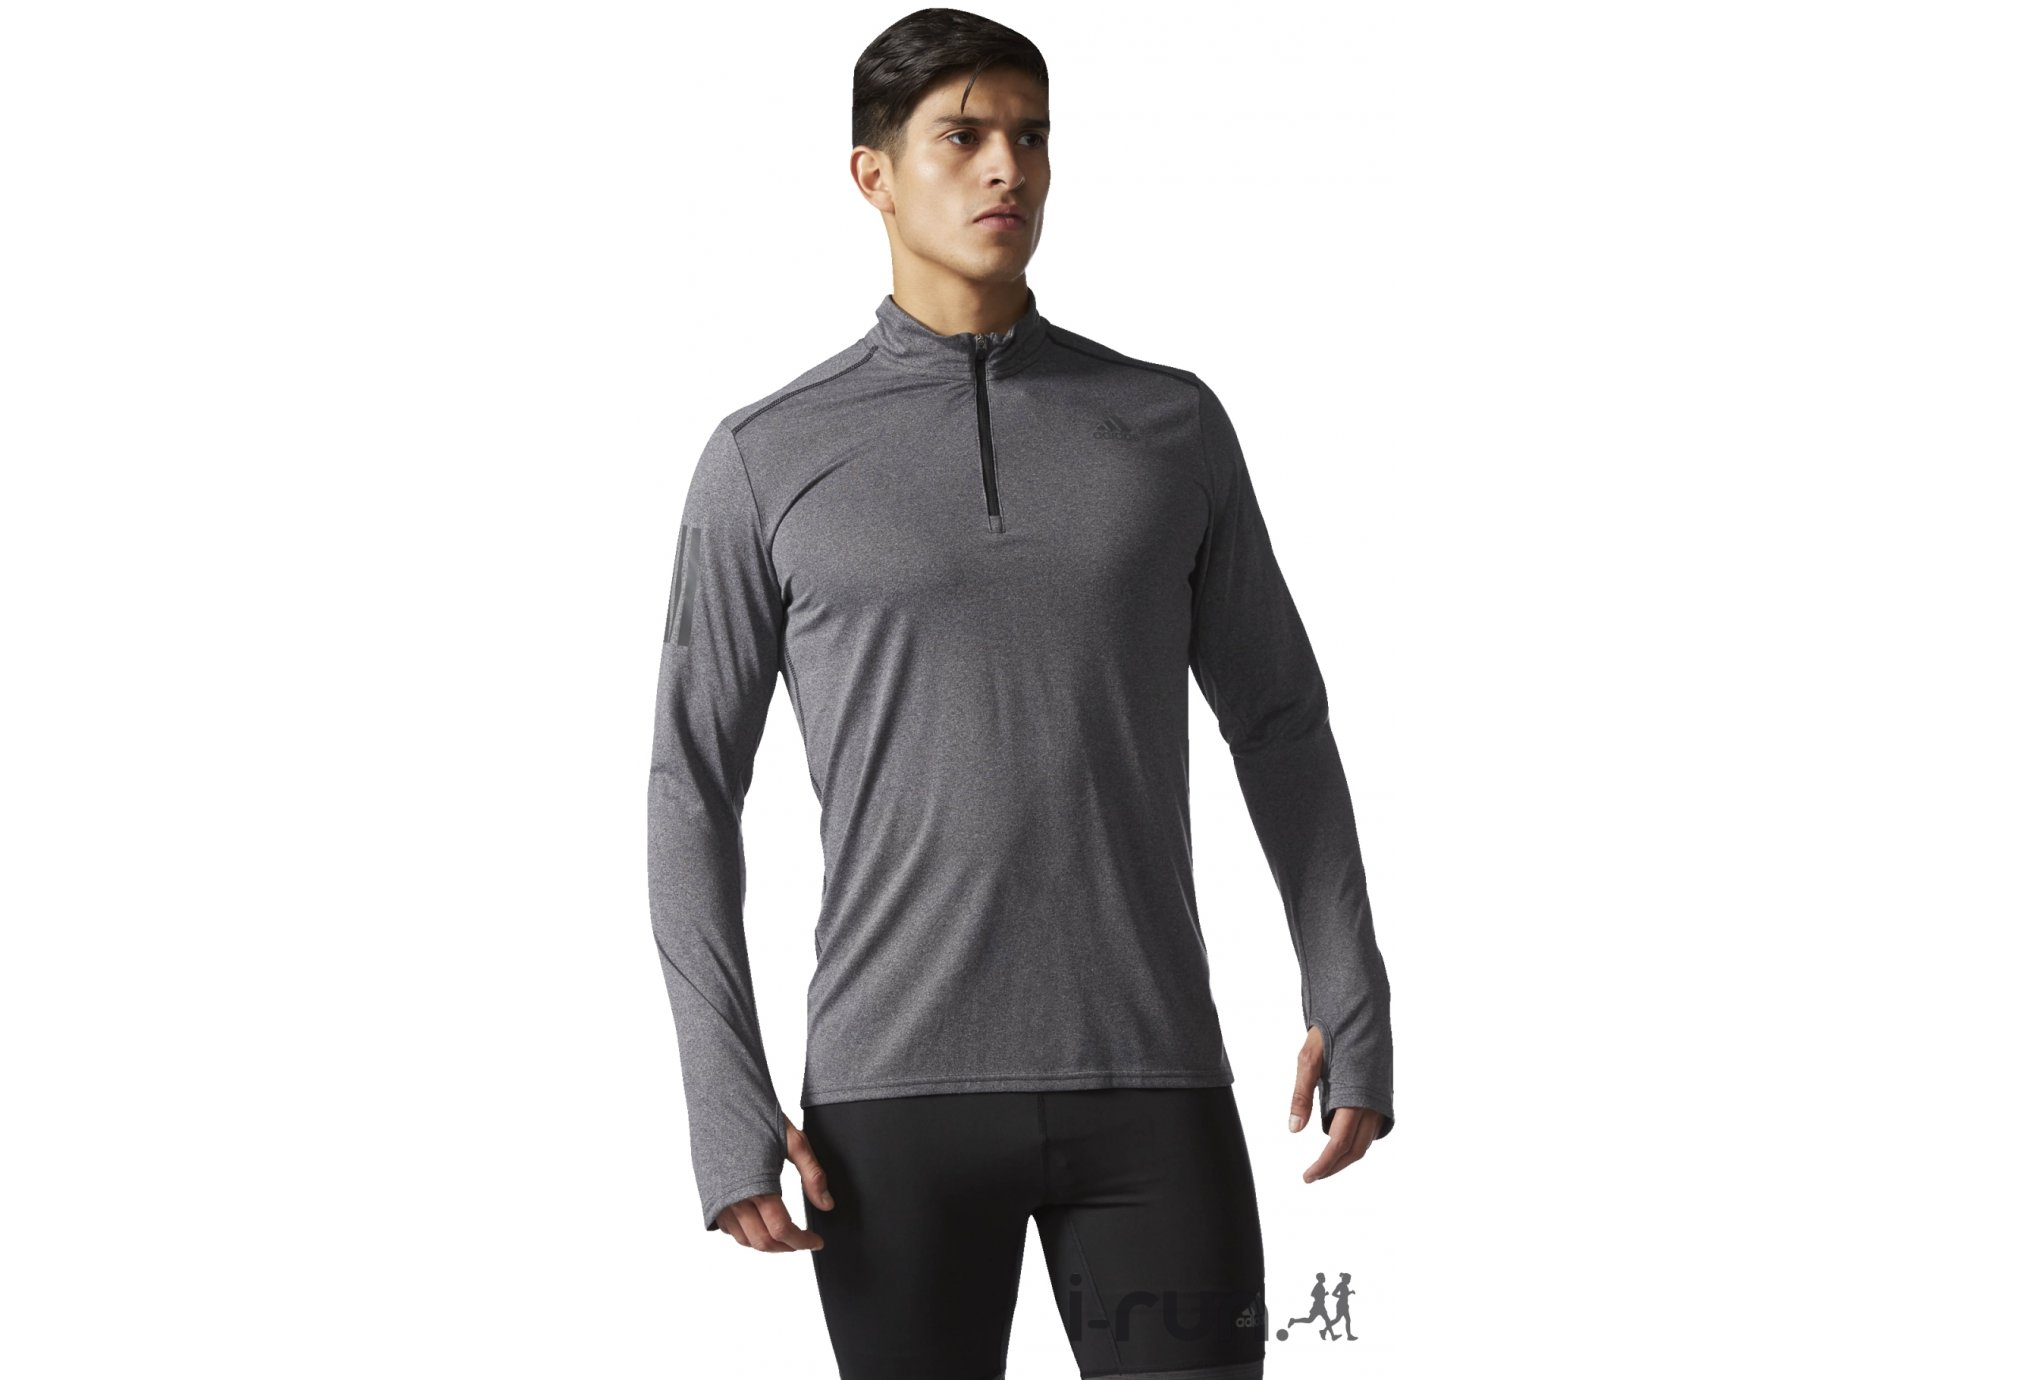 Adidas Response 1/2 zip m vêtement running homme